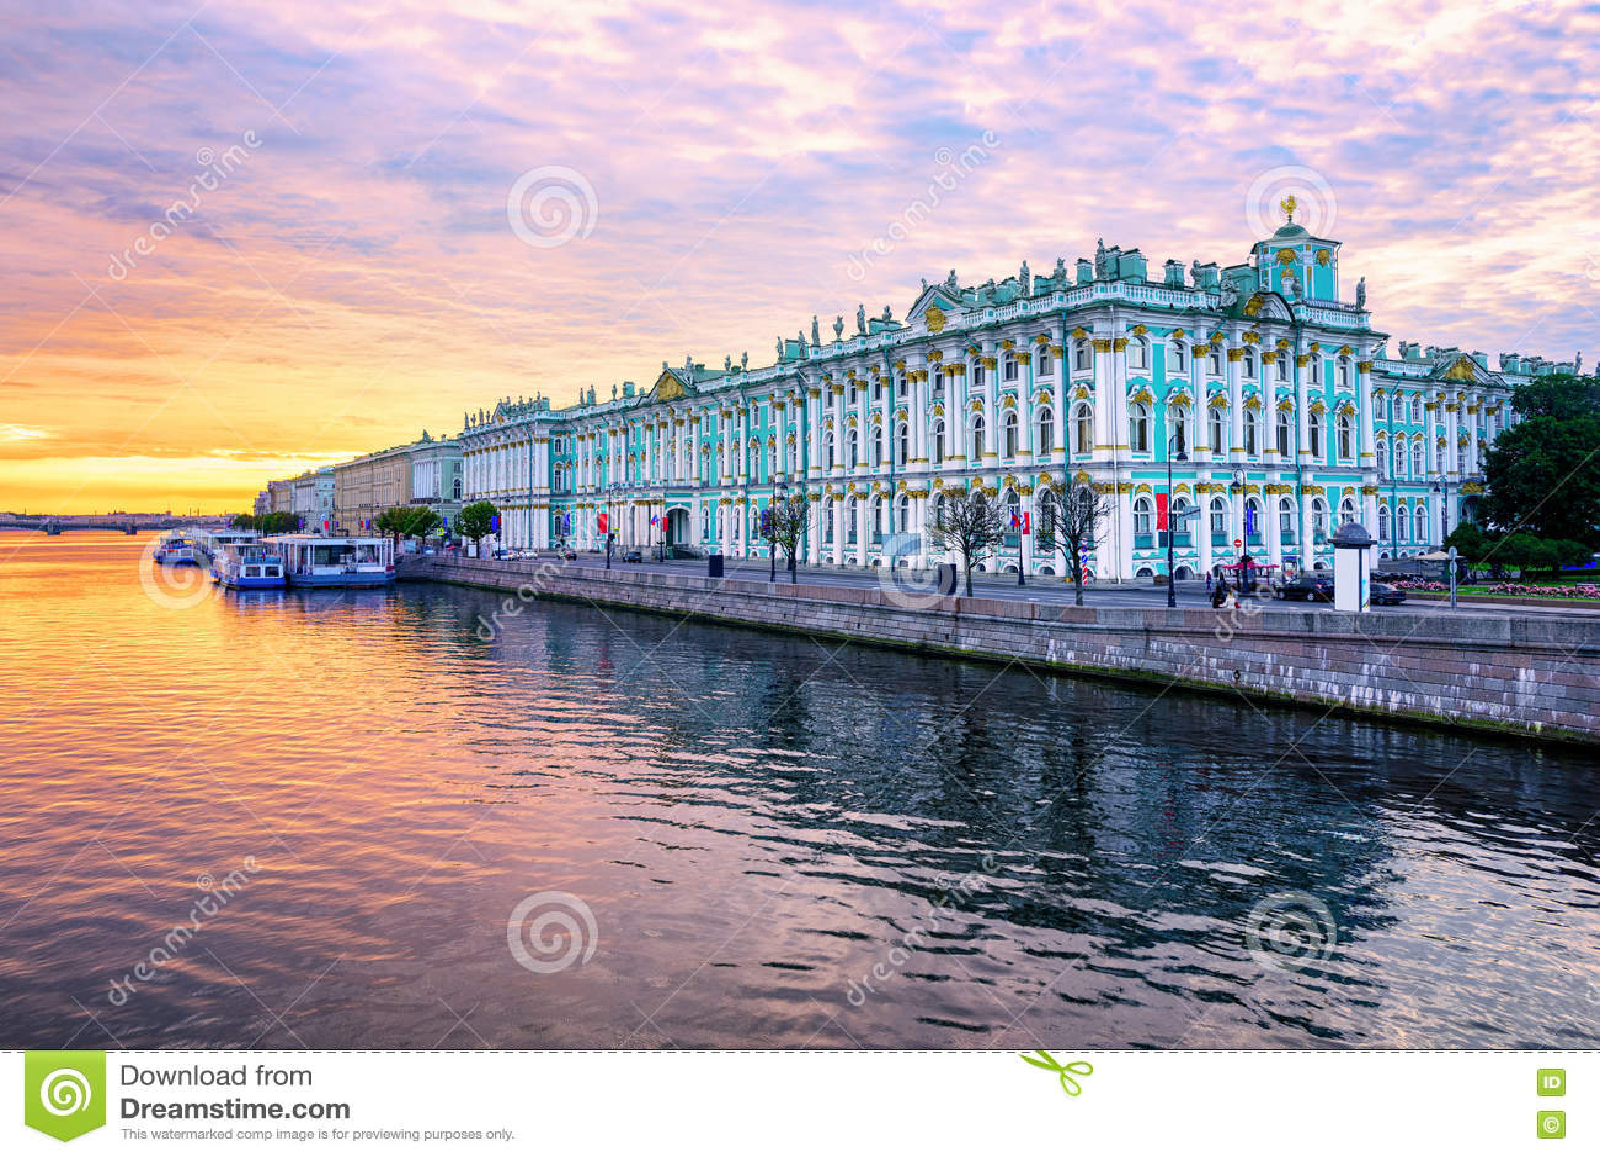 Χειμερινό παλάτι στον ποταμό Neva, Αγία Πετρούπολη, Ρωσία